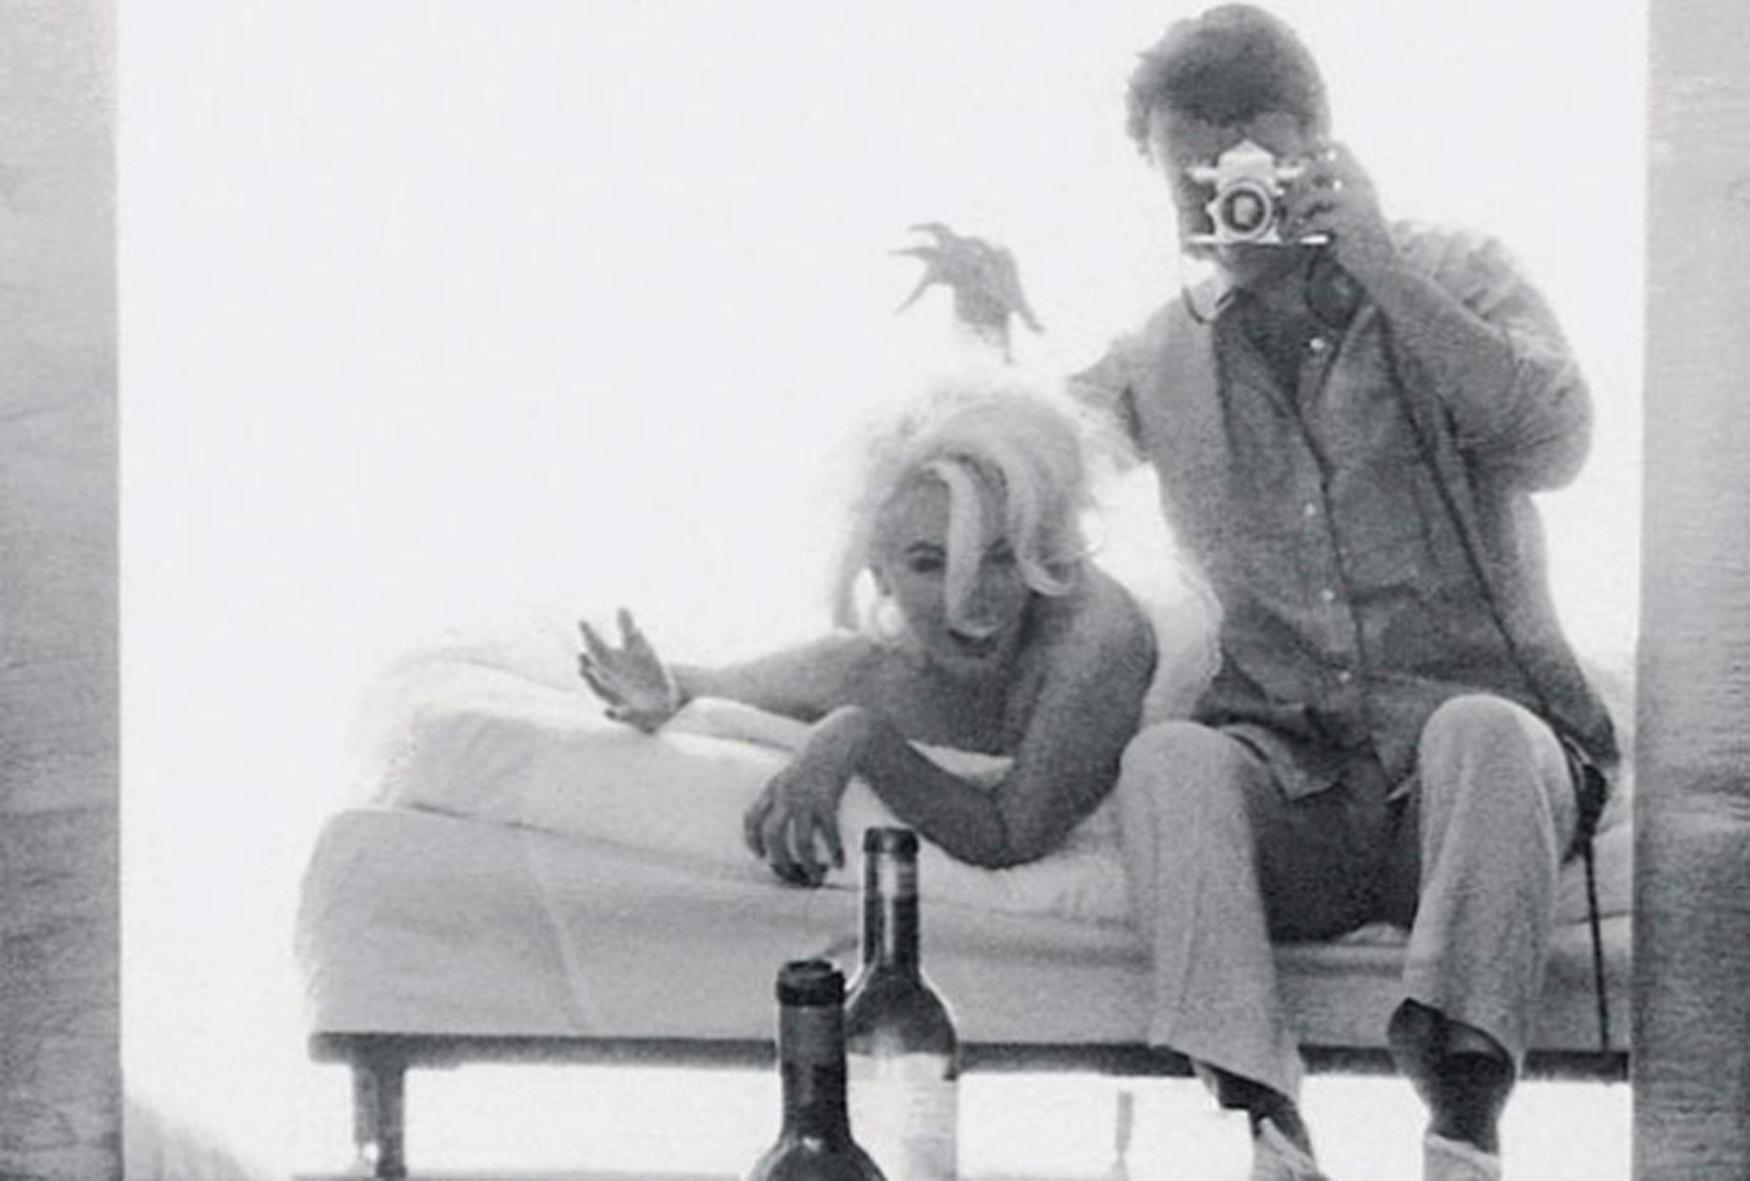 Marilyn Monroe S Last Sitting On View In Greenwich